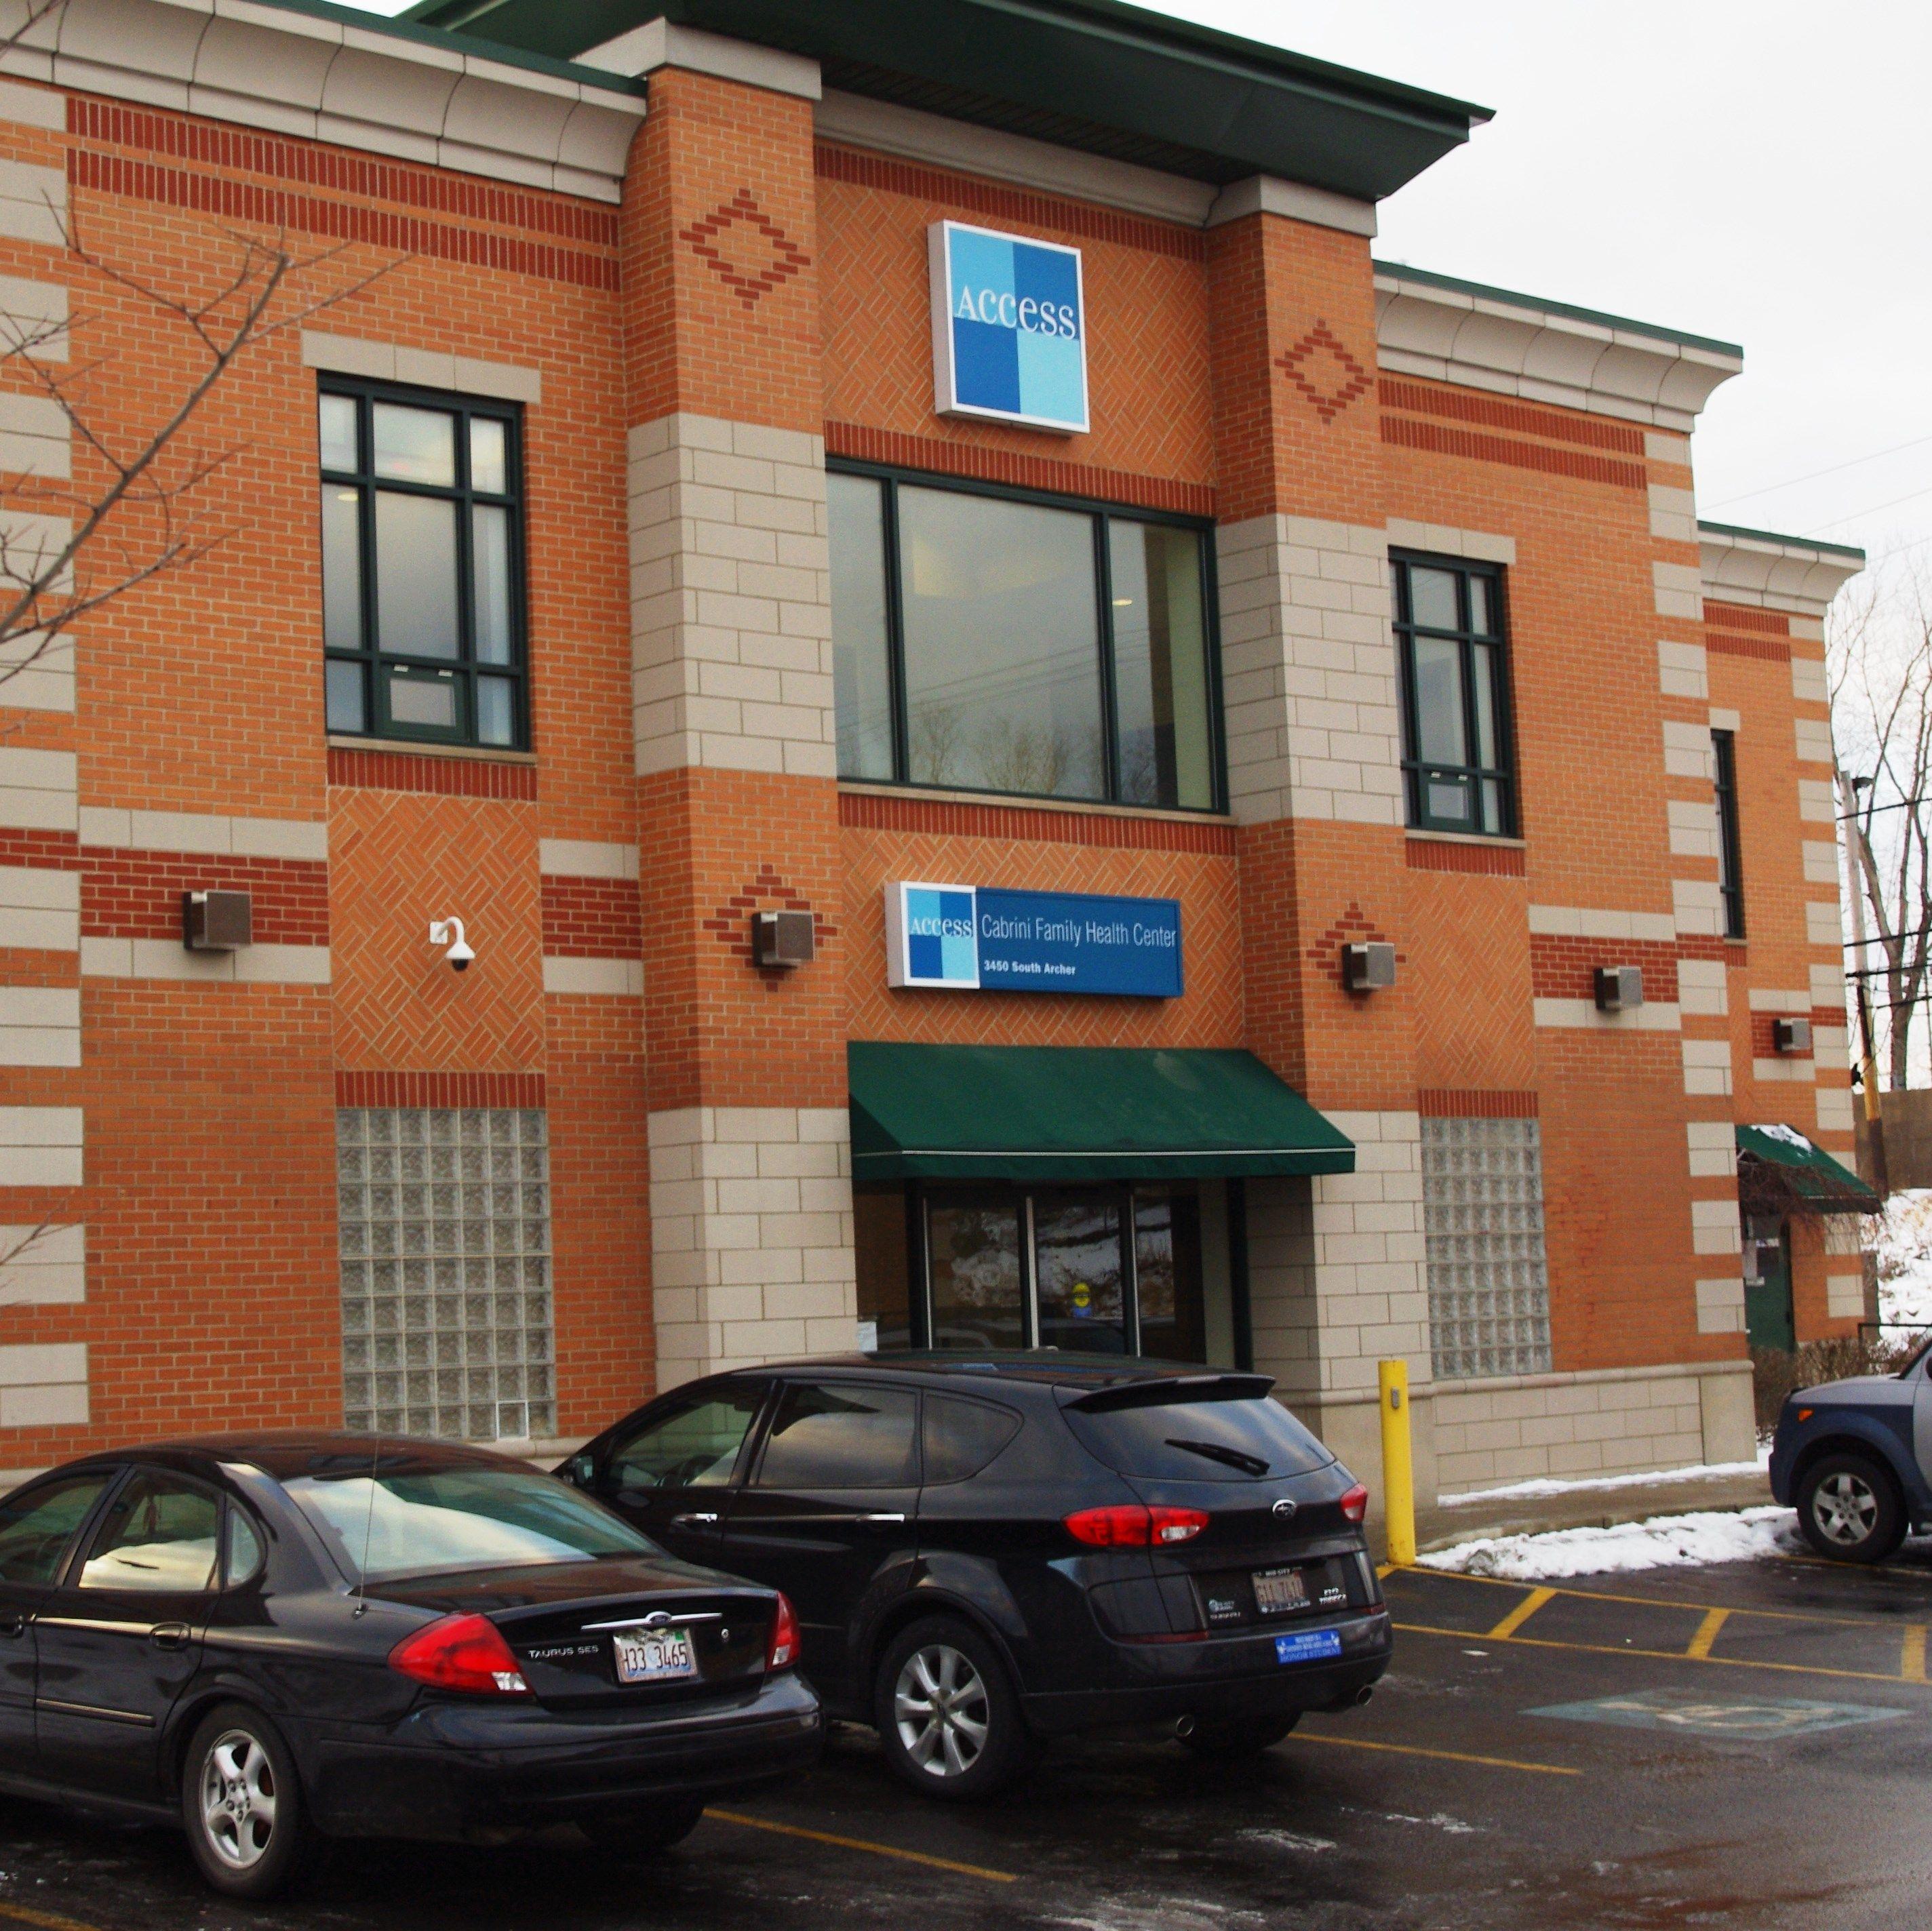 Access Cabrini Health Center